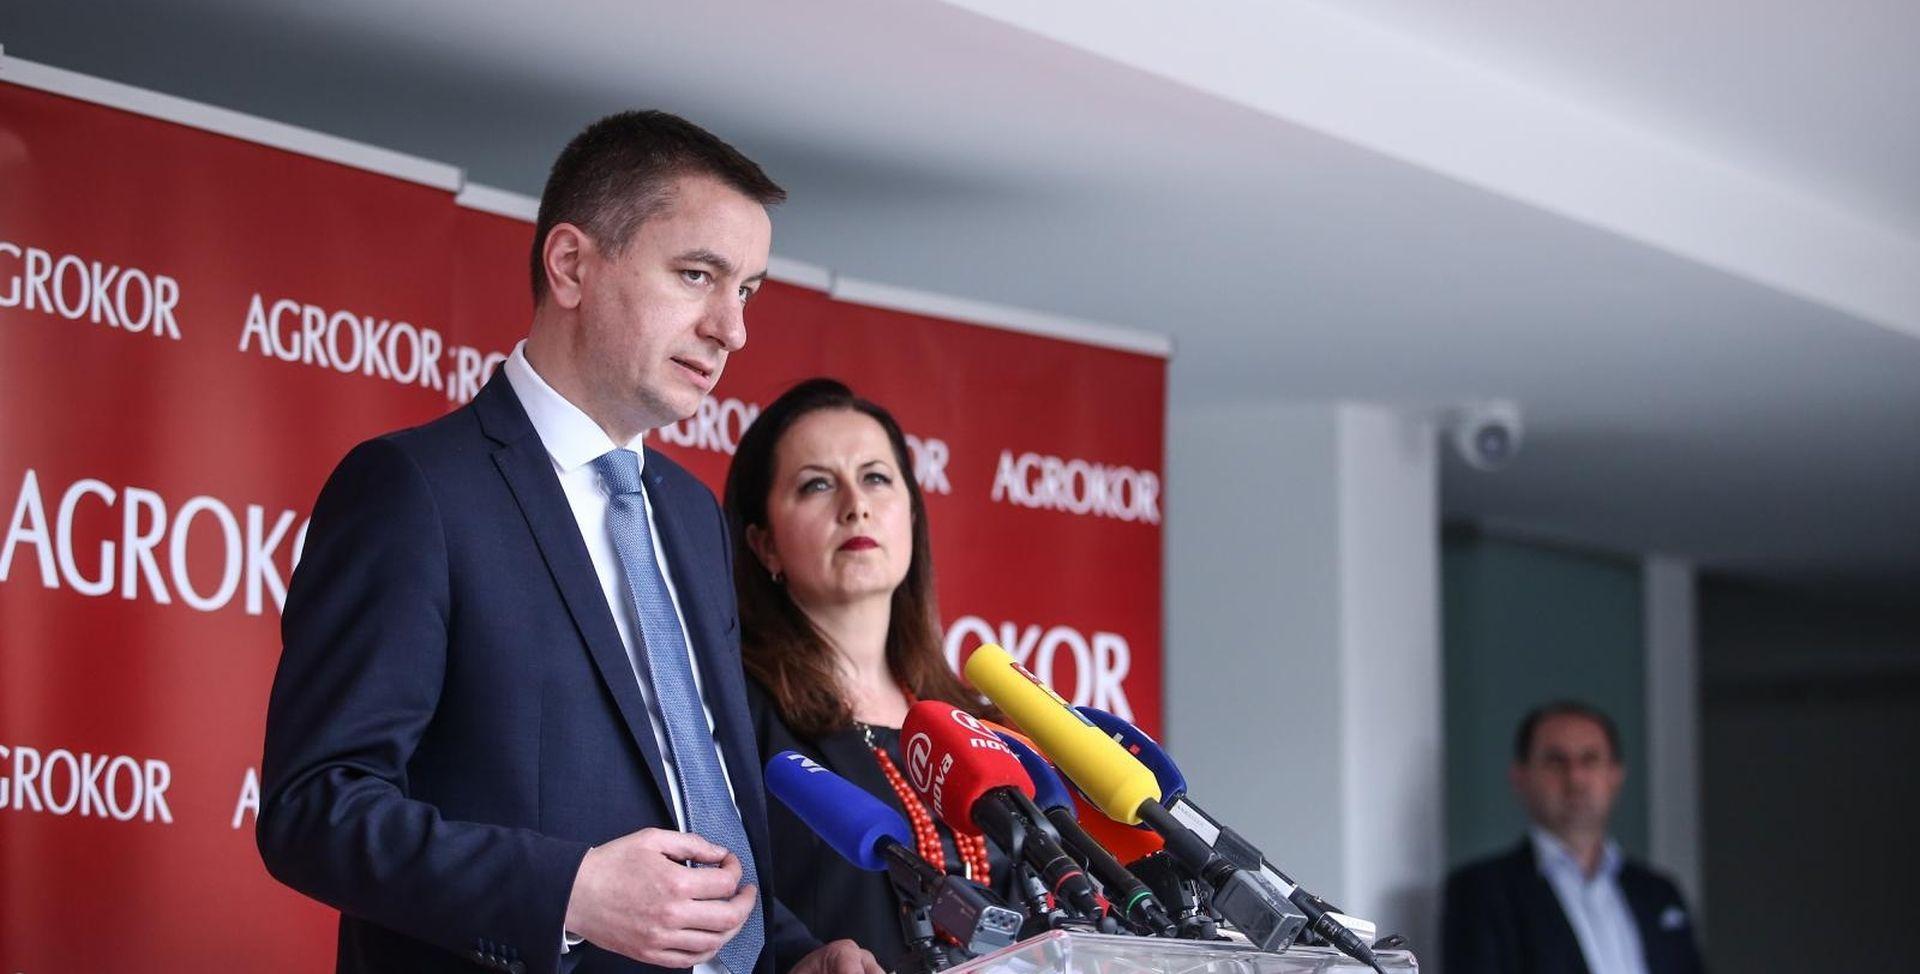 """PERUŠKO KOD PLENKOVIĆA """"Agrokor posluje bolje nego prije"""""""